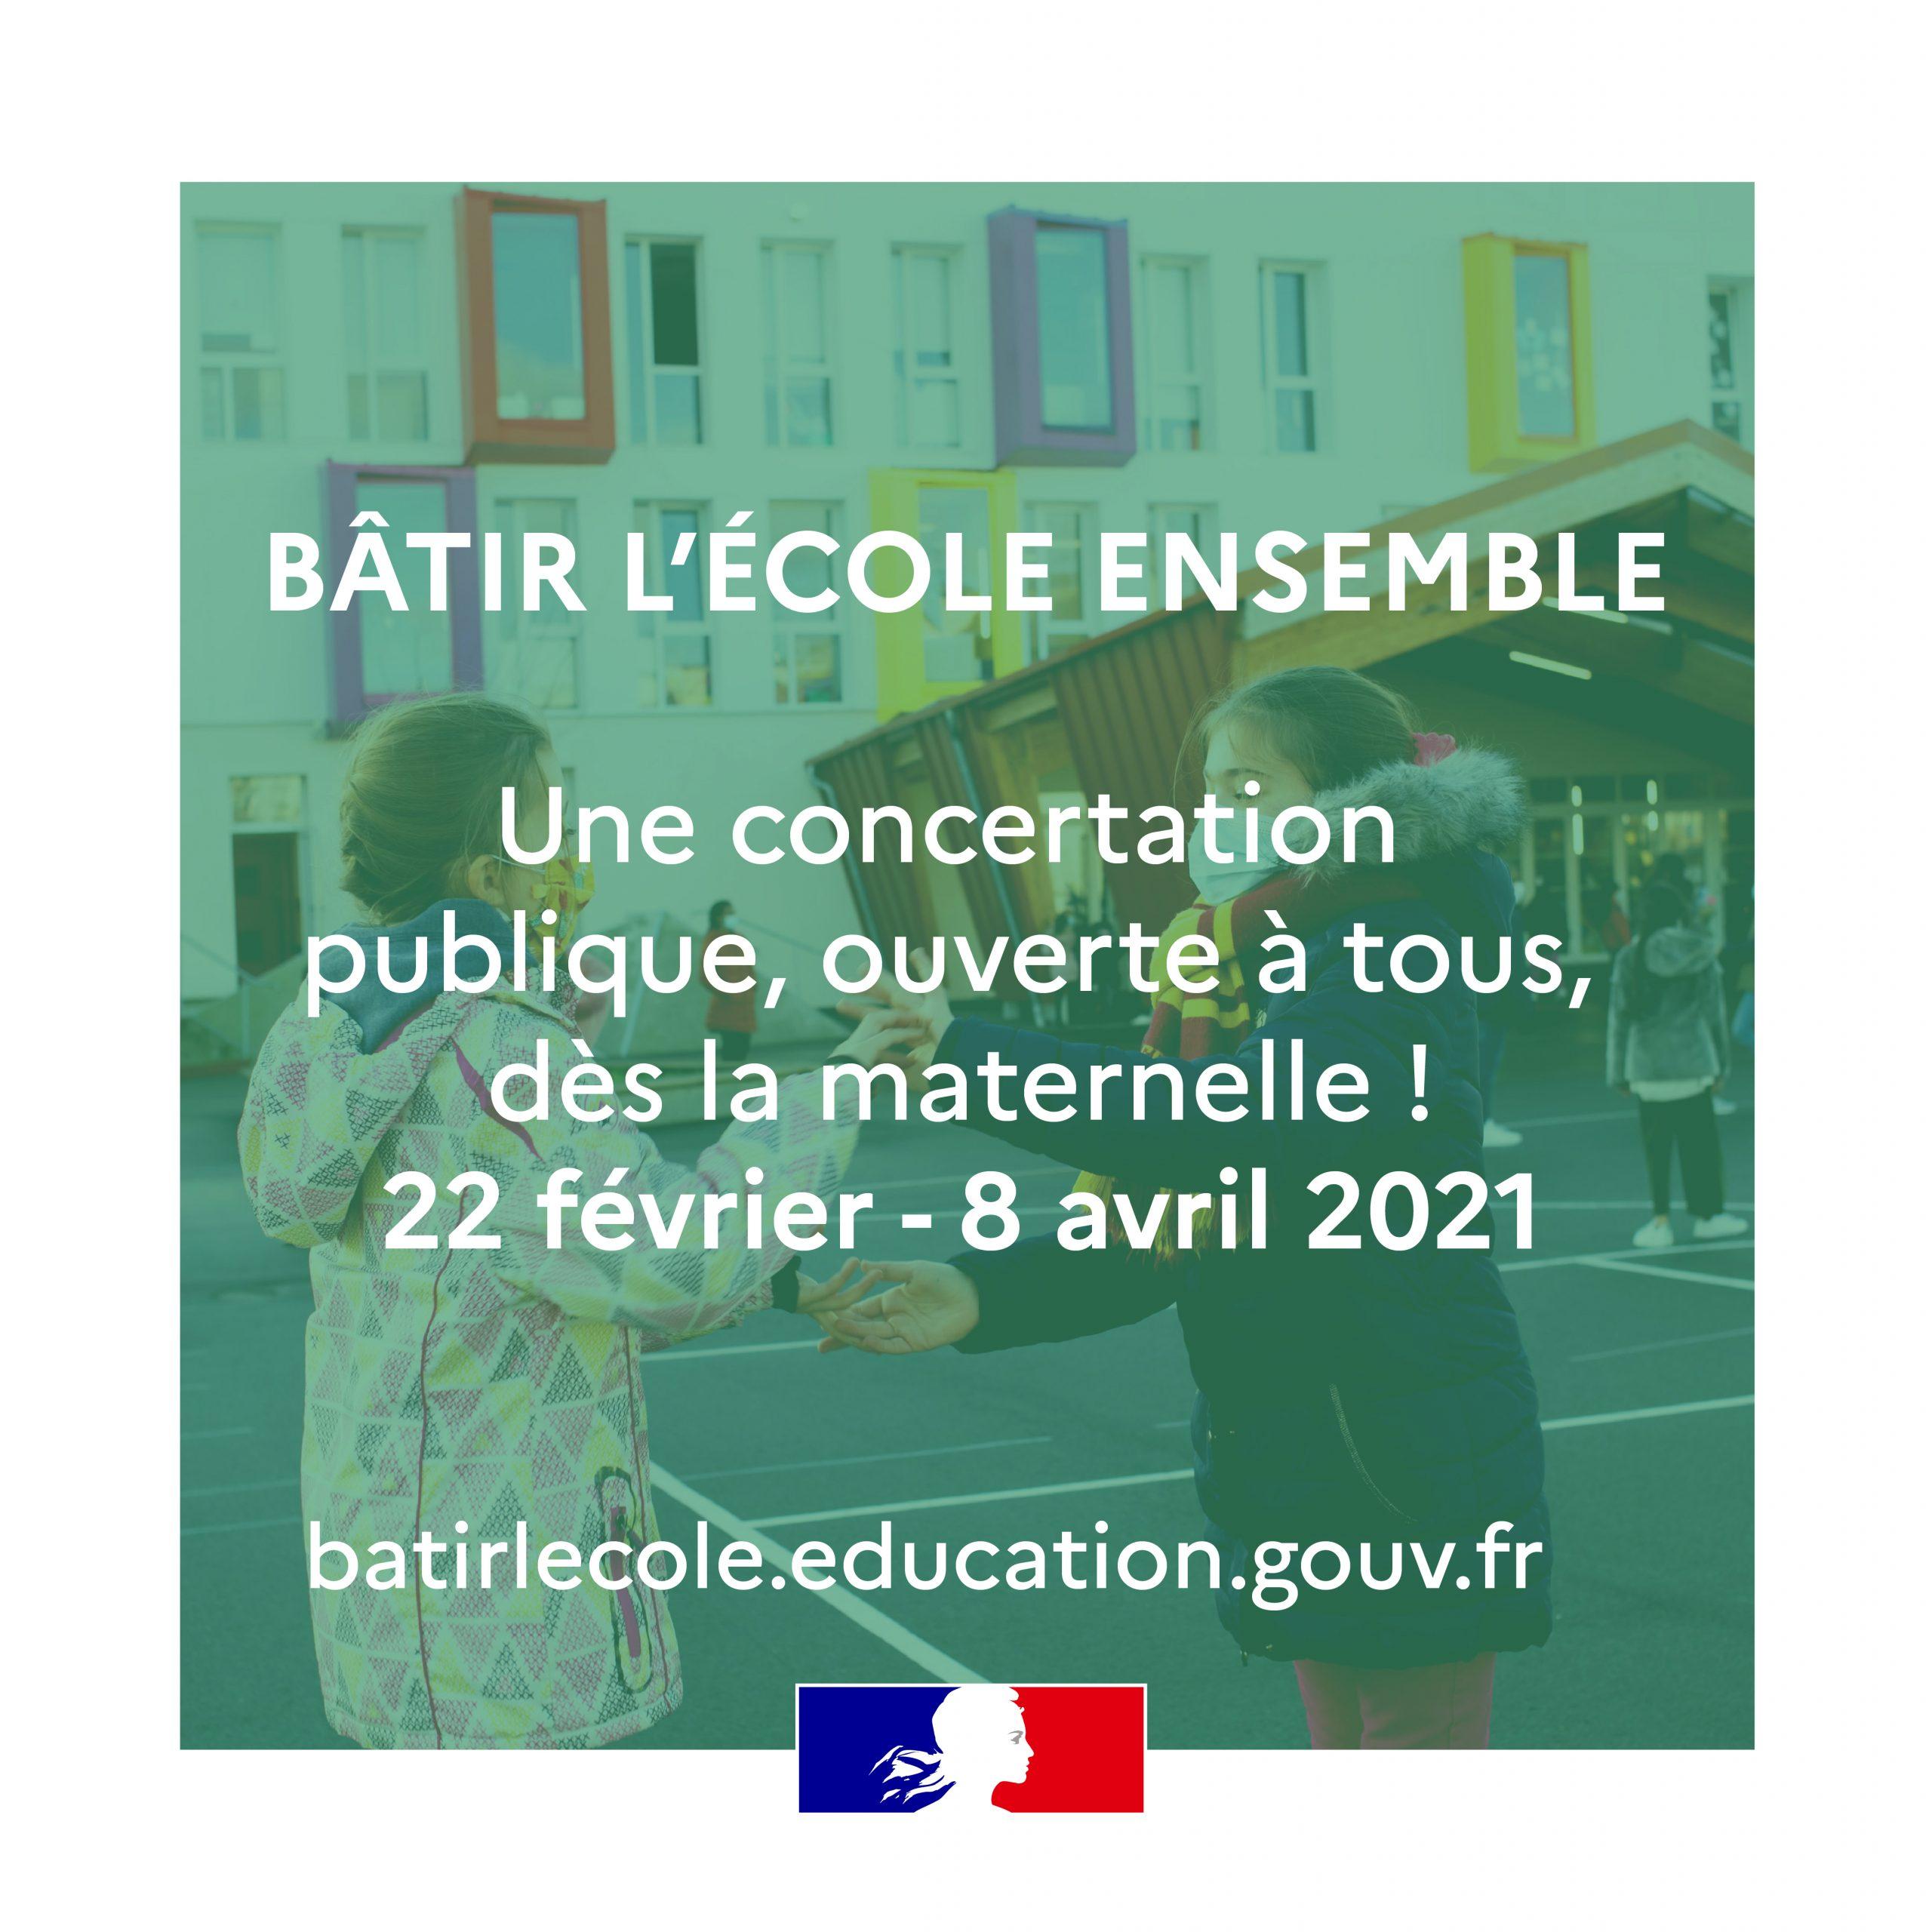 Concertation publique Bâtir l'Ecole ensemble